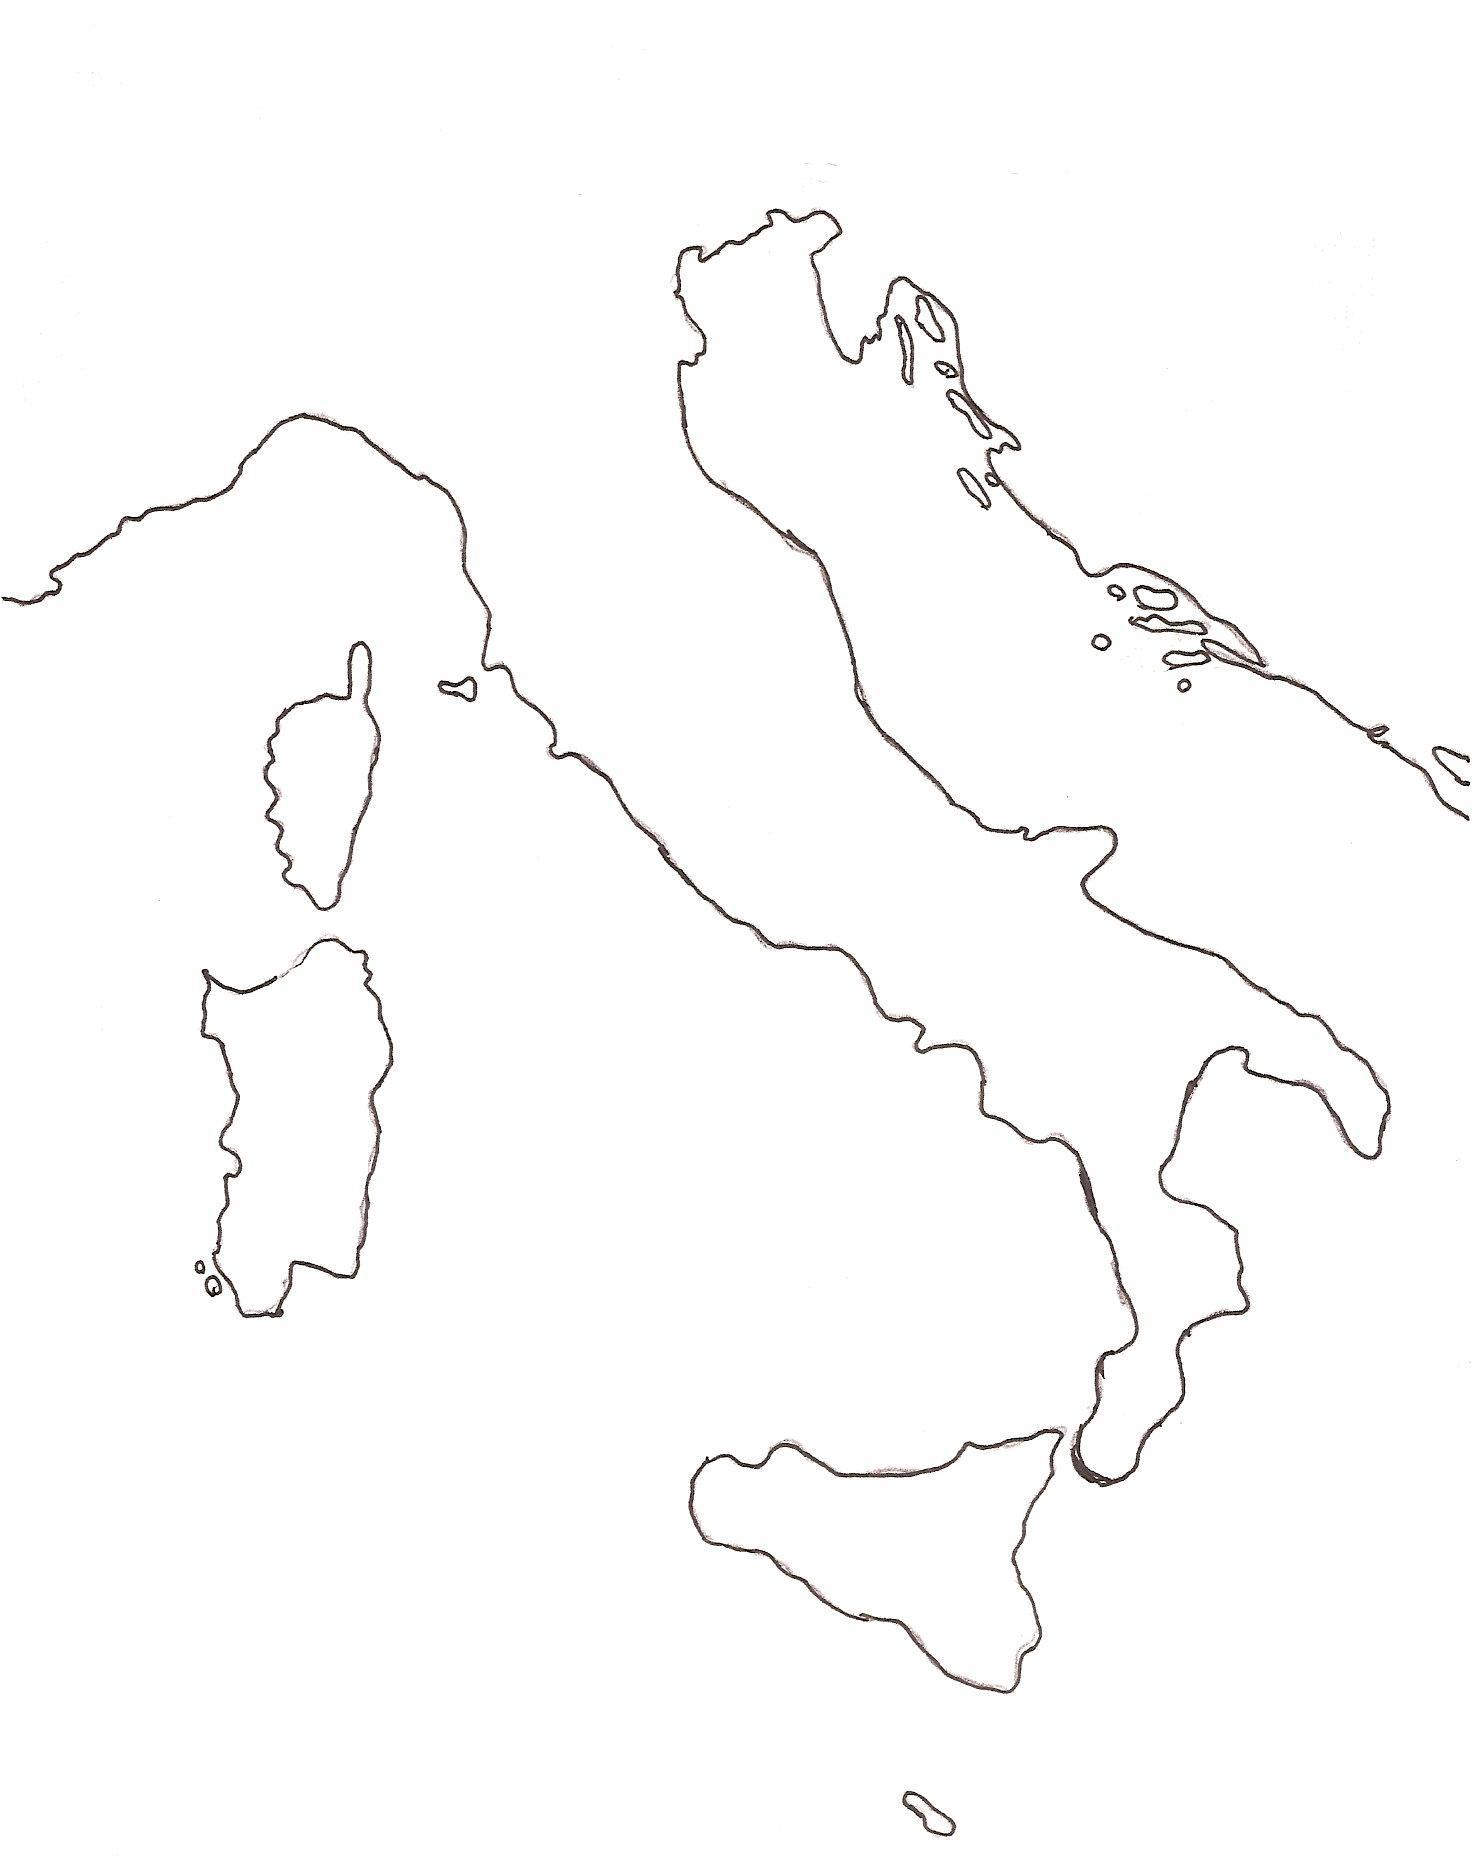 Mapa De Italia Mudo.Mapa Mudo De Italia Harry Potter Y El Hacedor De Reyes